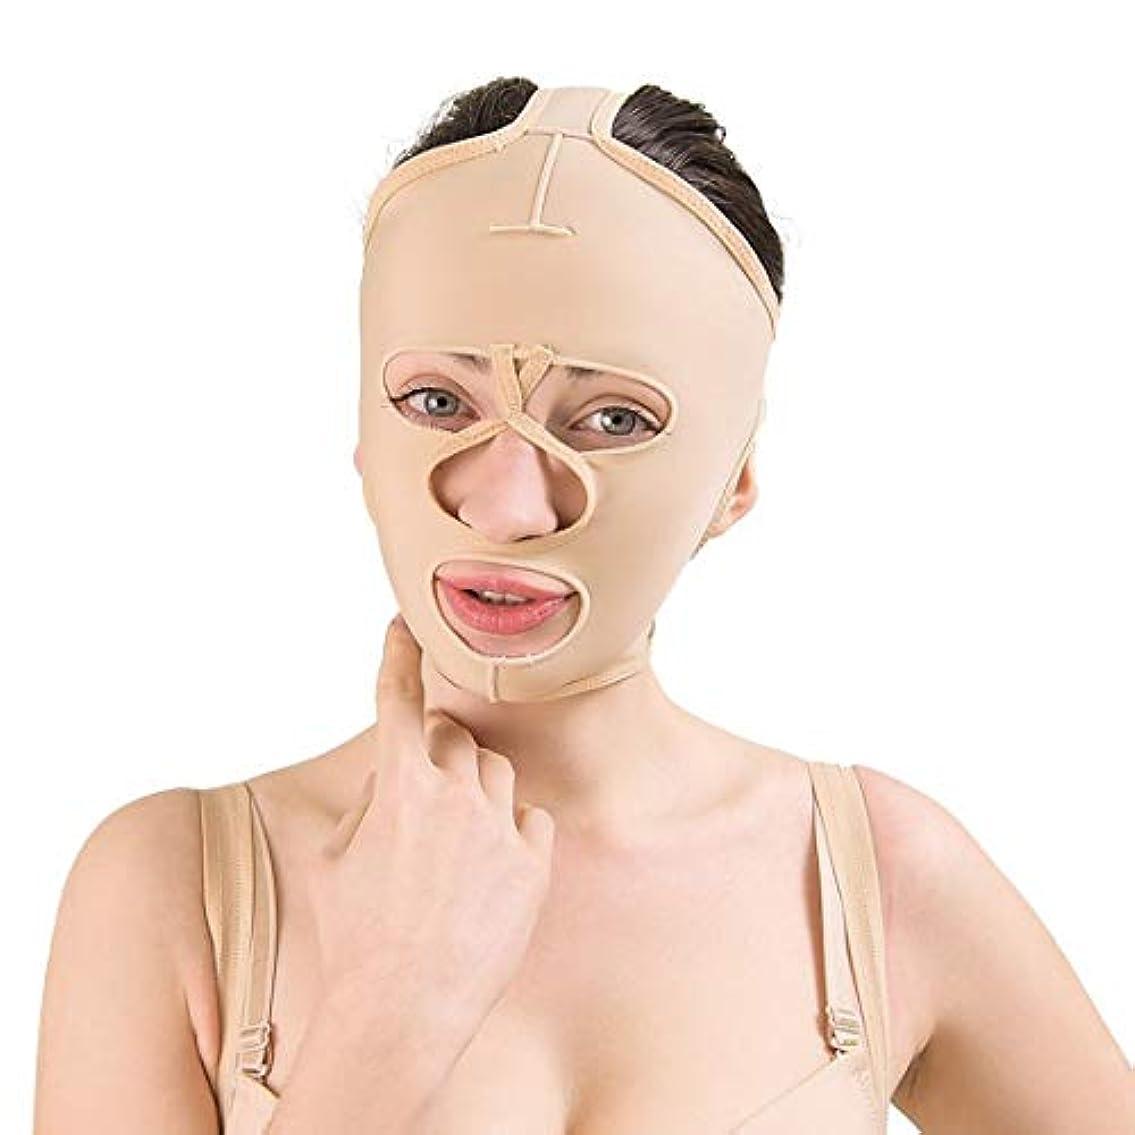 シーケンスクローンドアミラーZWBD フェイスマスク, フェイスリフト包帯医療弾性スリーブ顔面下顎形成外科術後圧縮下顎スリーブ補助修復マスクしわを削除する (Size : S)